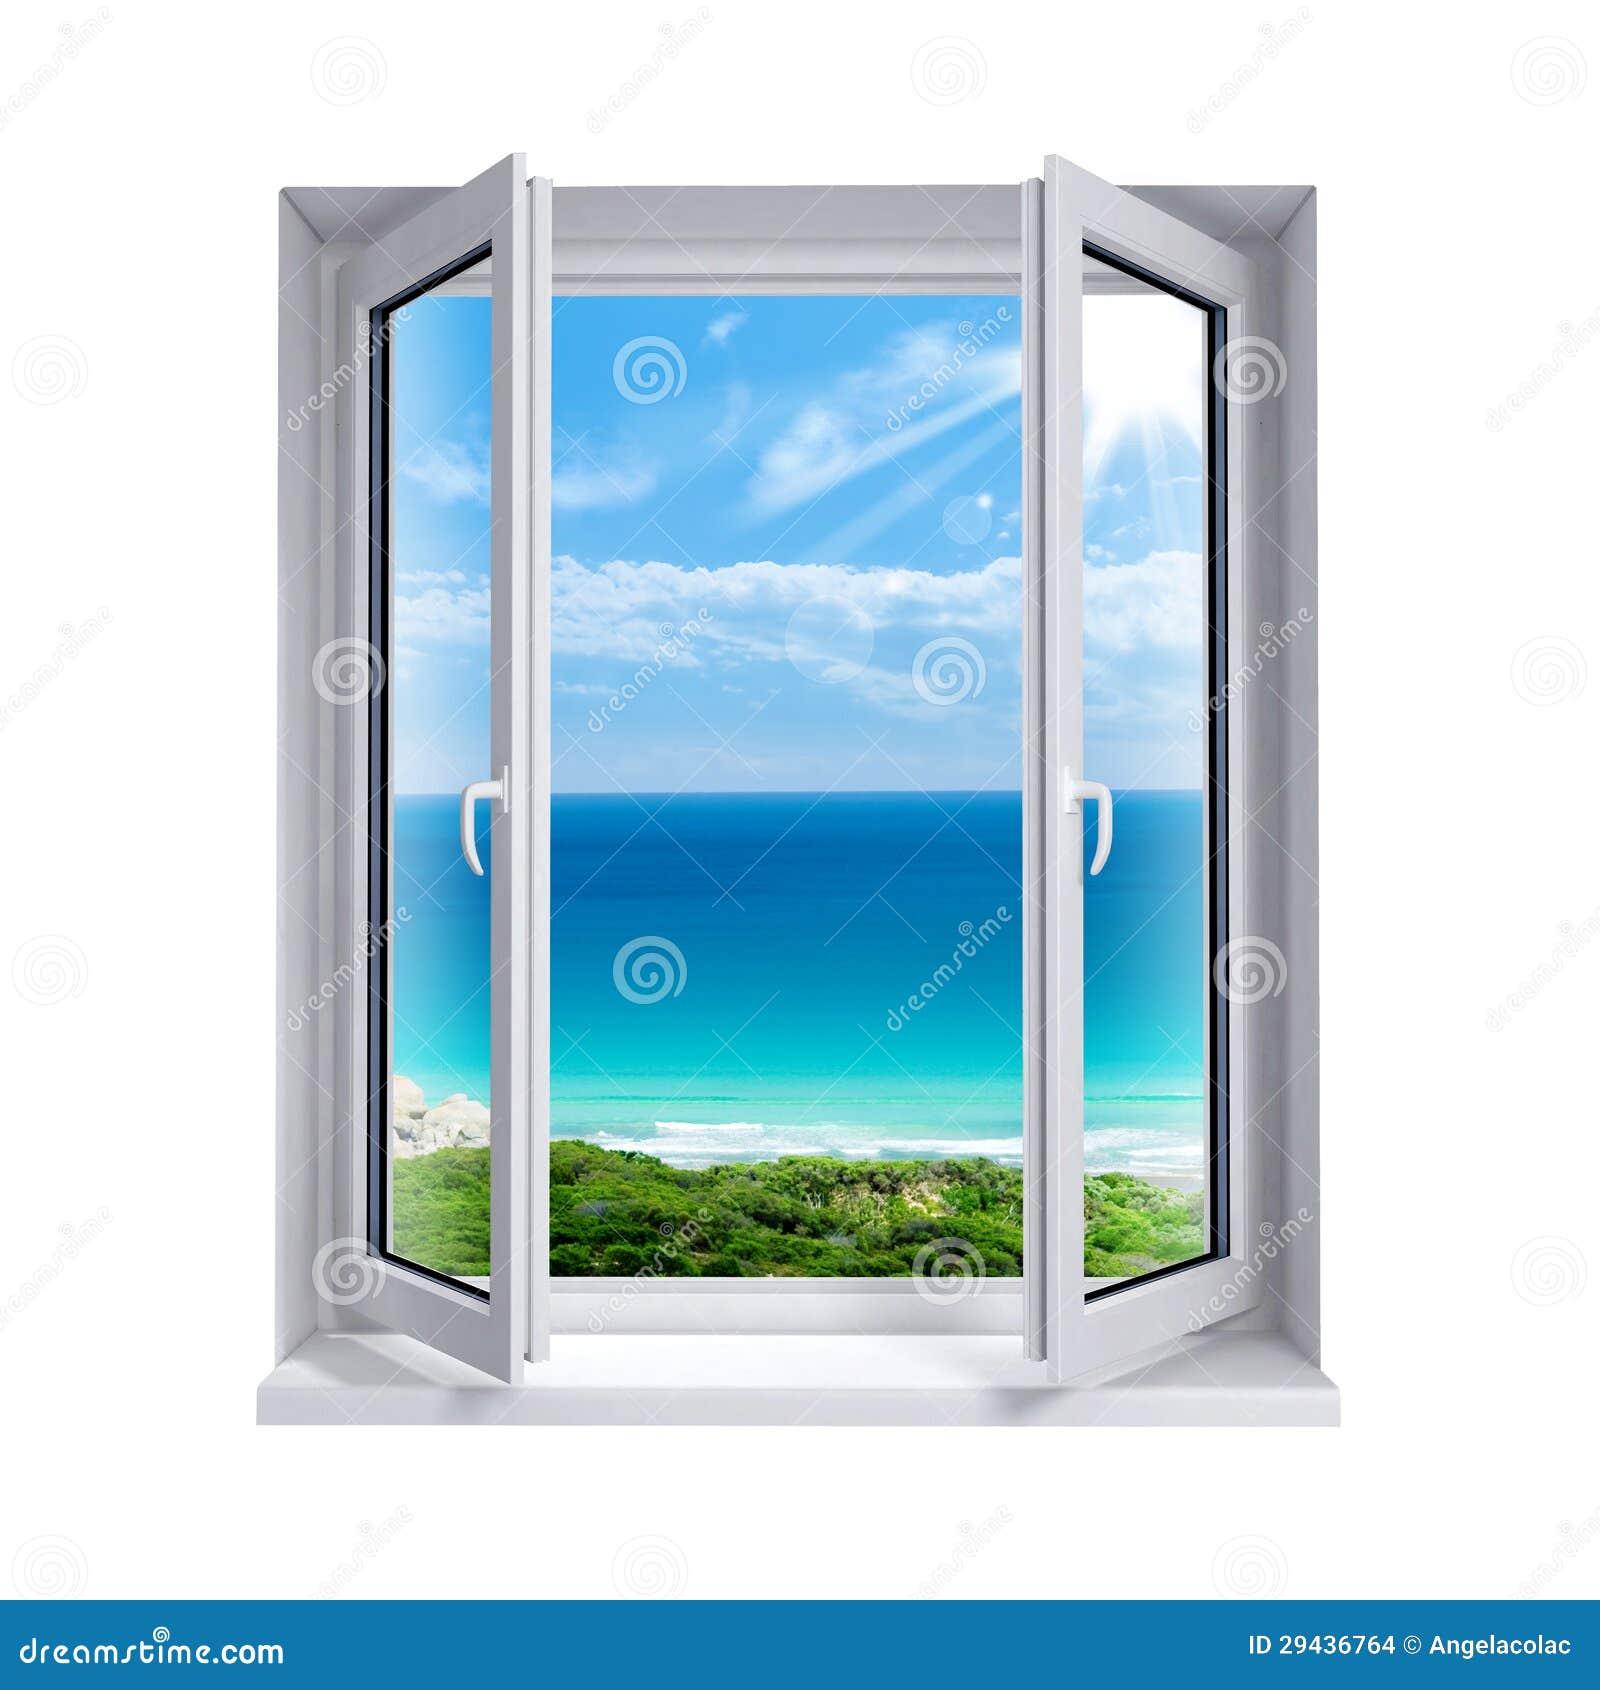 fenster zum meer stockfoto bild von frech haus landschaft 29436764. Black Bedroom Furniture Sets. Home Design Ideas